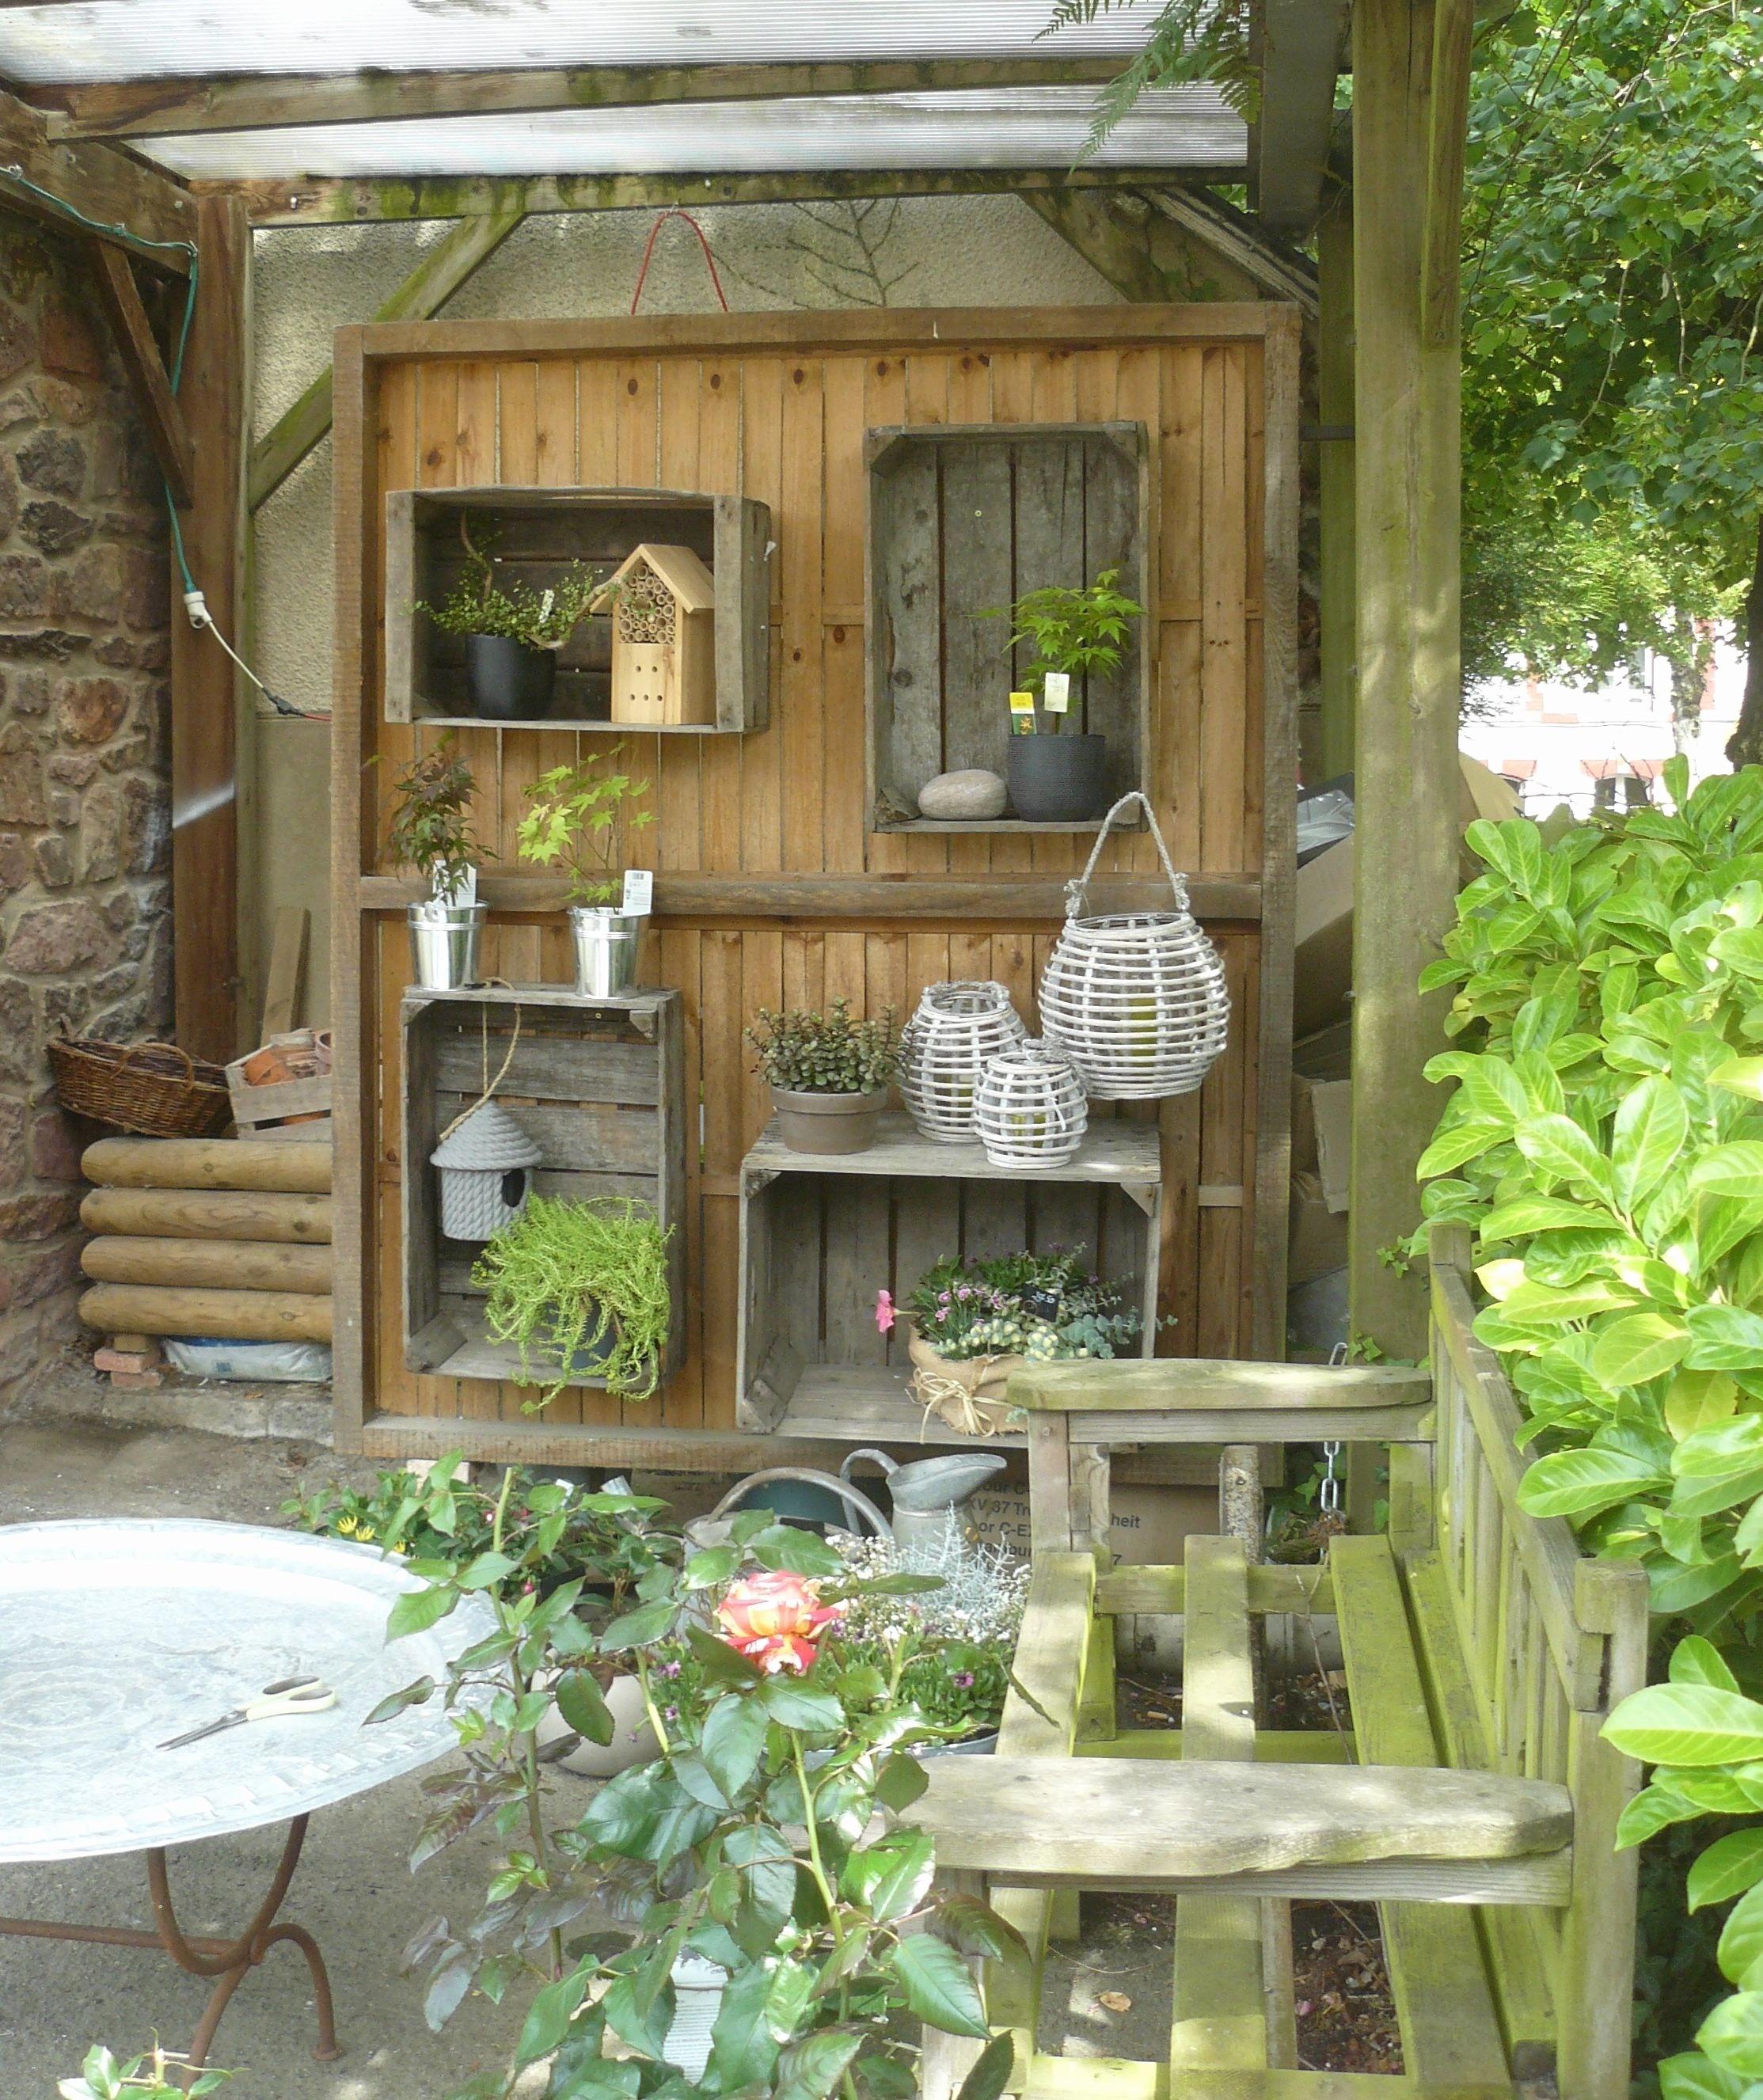 Magasin Habitat Et Jardin Inspirant Photos Decoration Allee De Jardin Aussi Frais Amenagement Allee De Maison